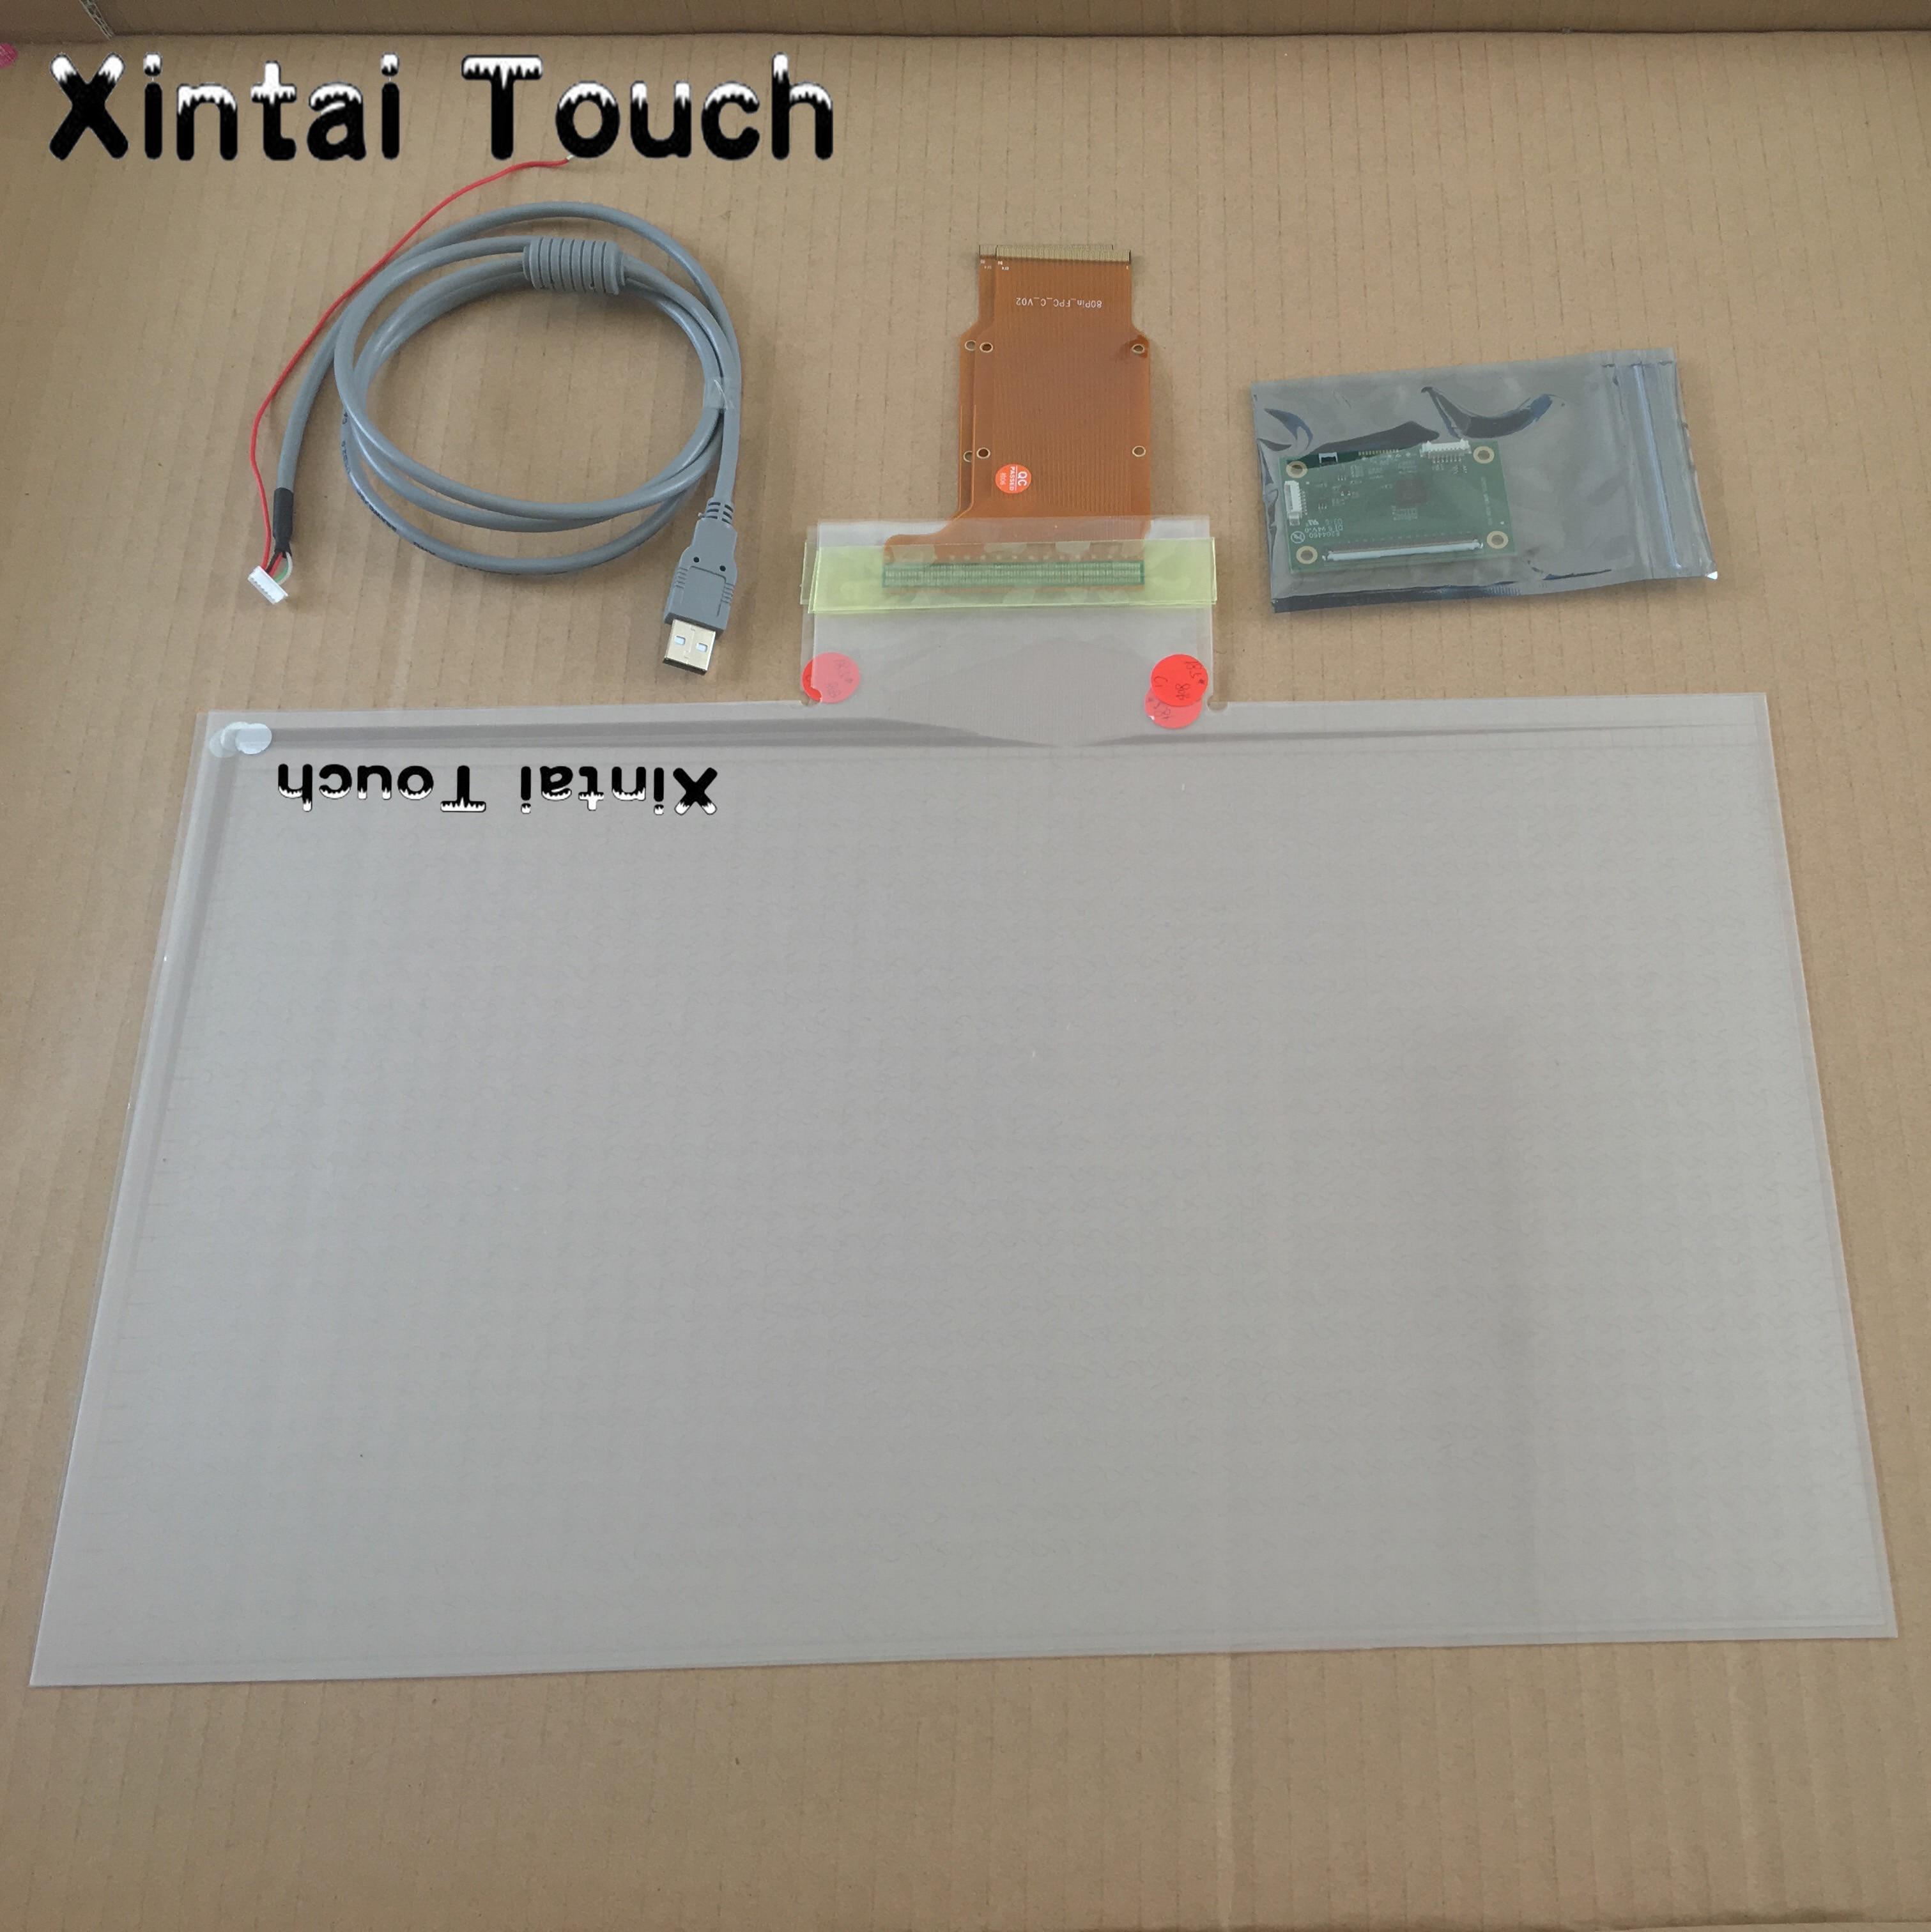 17 polegada proporção de 5:4 de alta qualidade filme folha de toque capacitiva projetada 4 pontos filme folha de tela sensível ao toque transparente